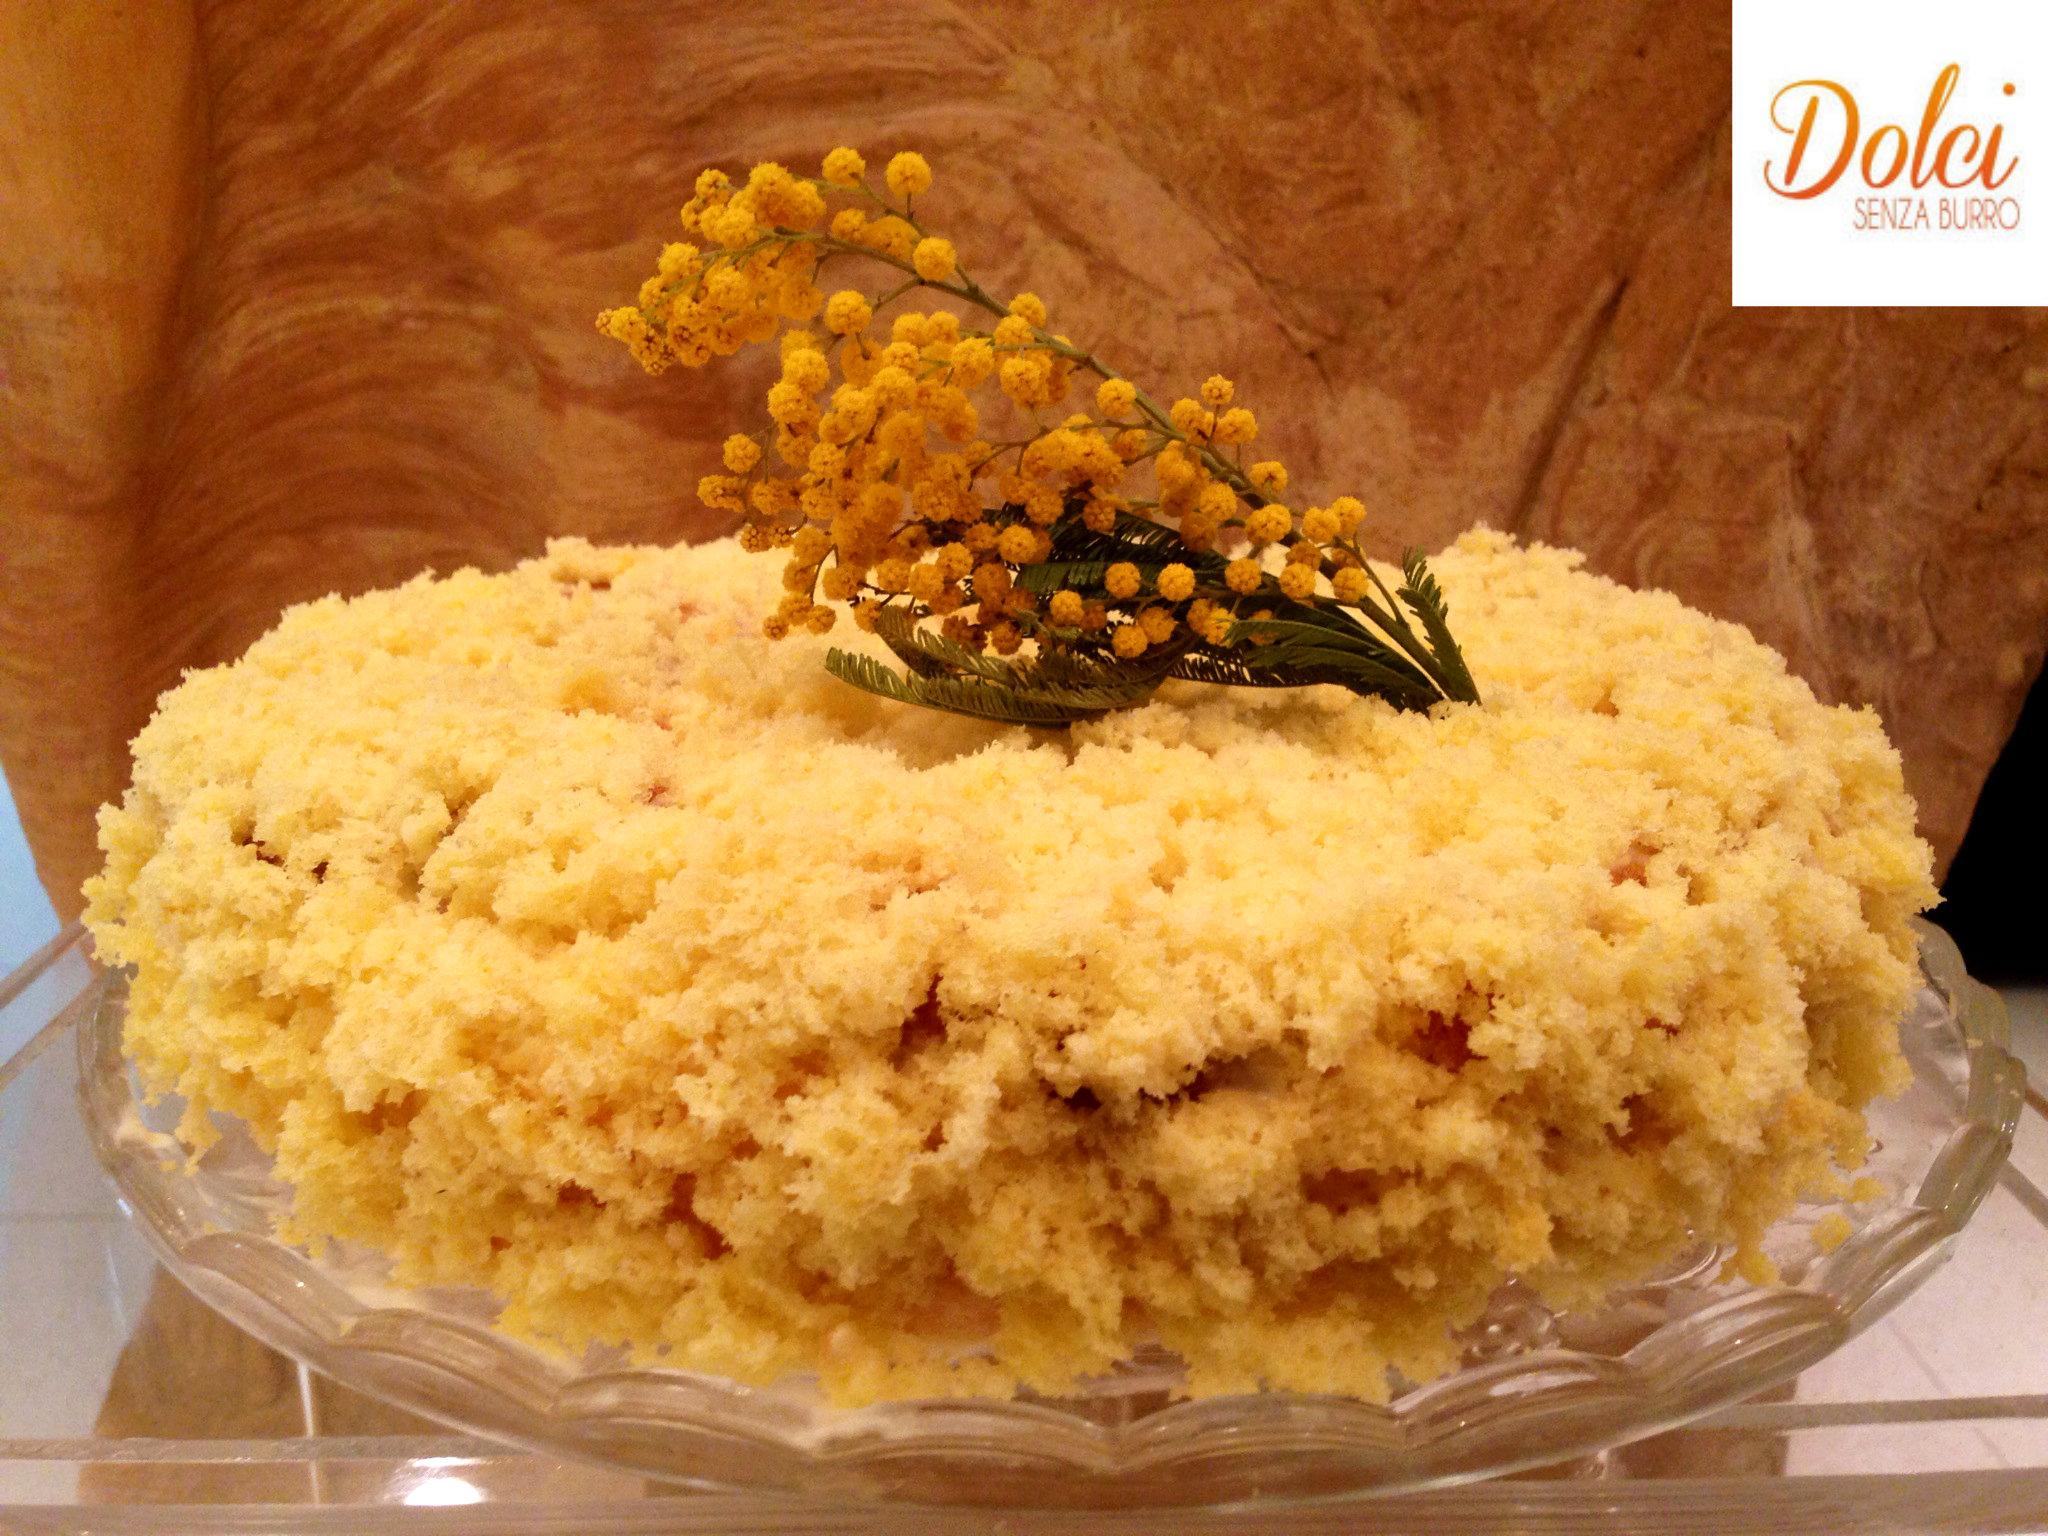 La Torta Mimosa Senza Burro è il dolce tradizionale dell'8 marzo di dolci senza burro